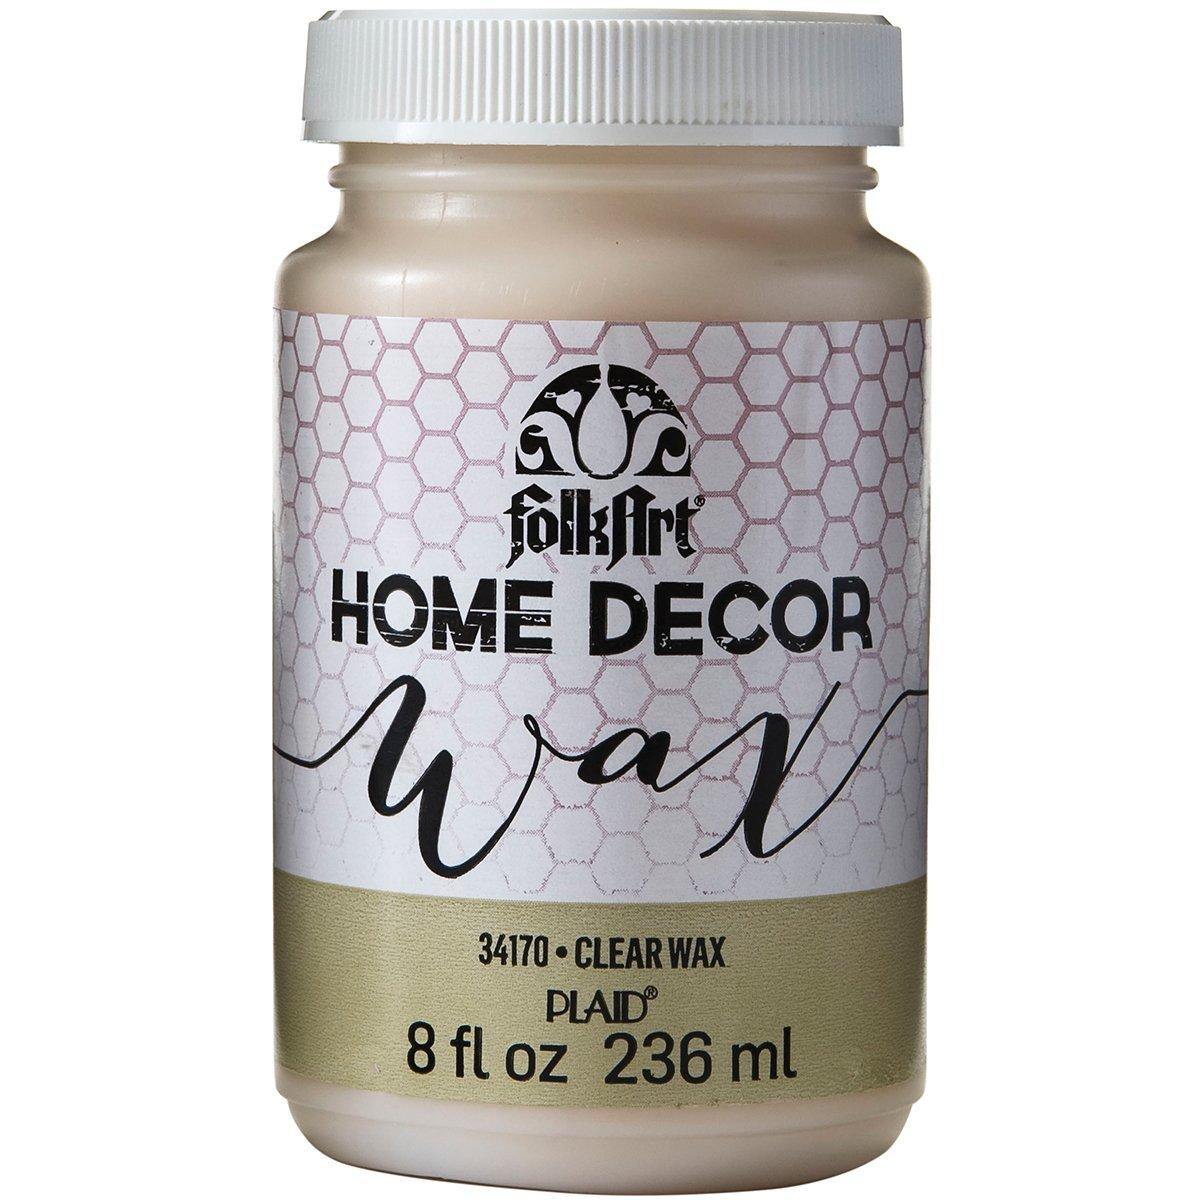 FolkArt Home Decor Wax (8-Ounce), 34170 Clear Plaid Inc decoart crayola painting